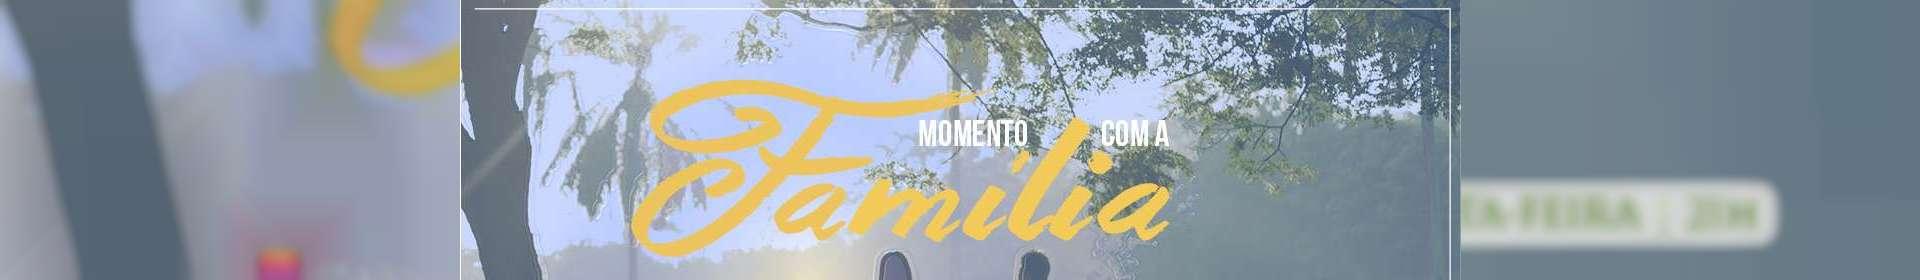 Momento com a Família exibido no dia 19/06/2020